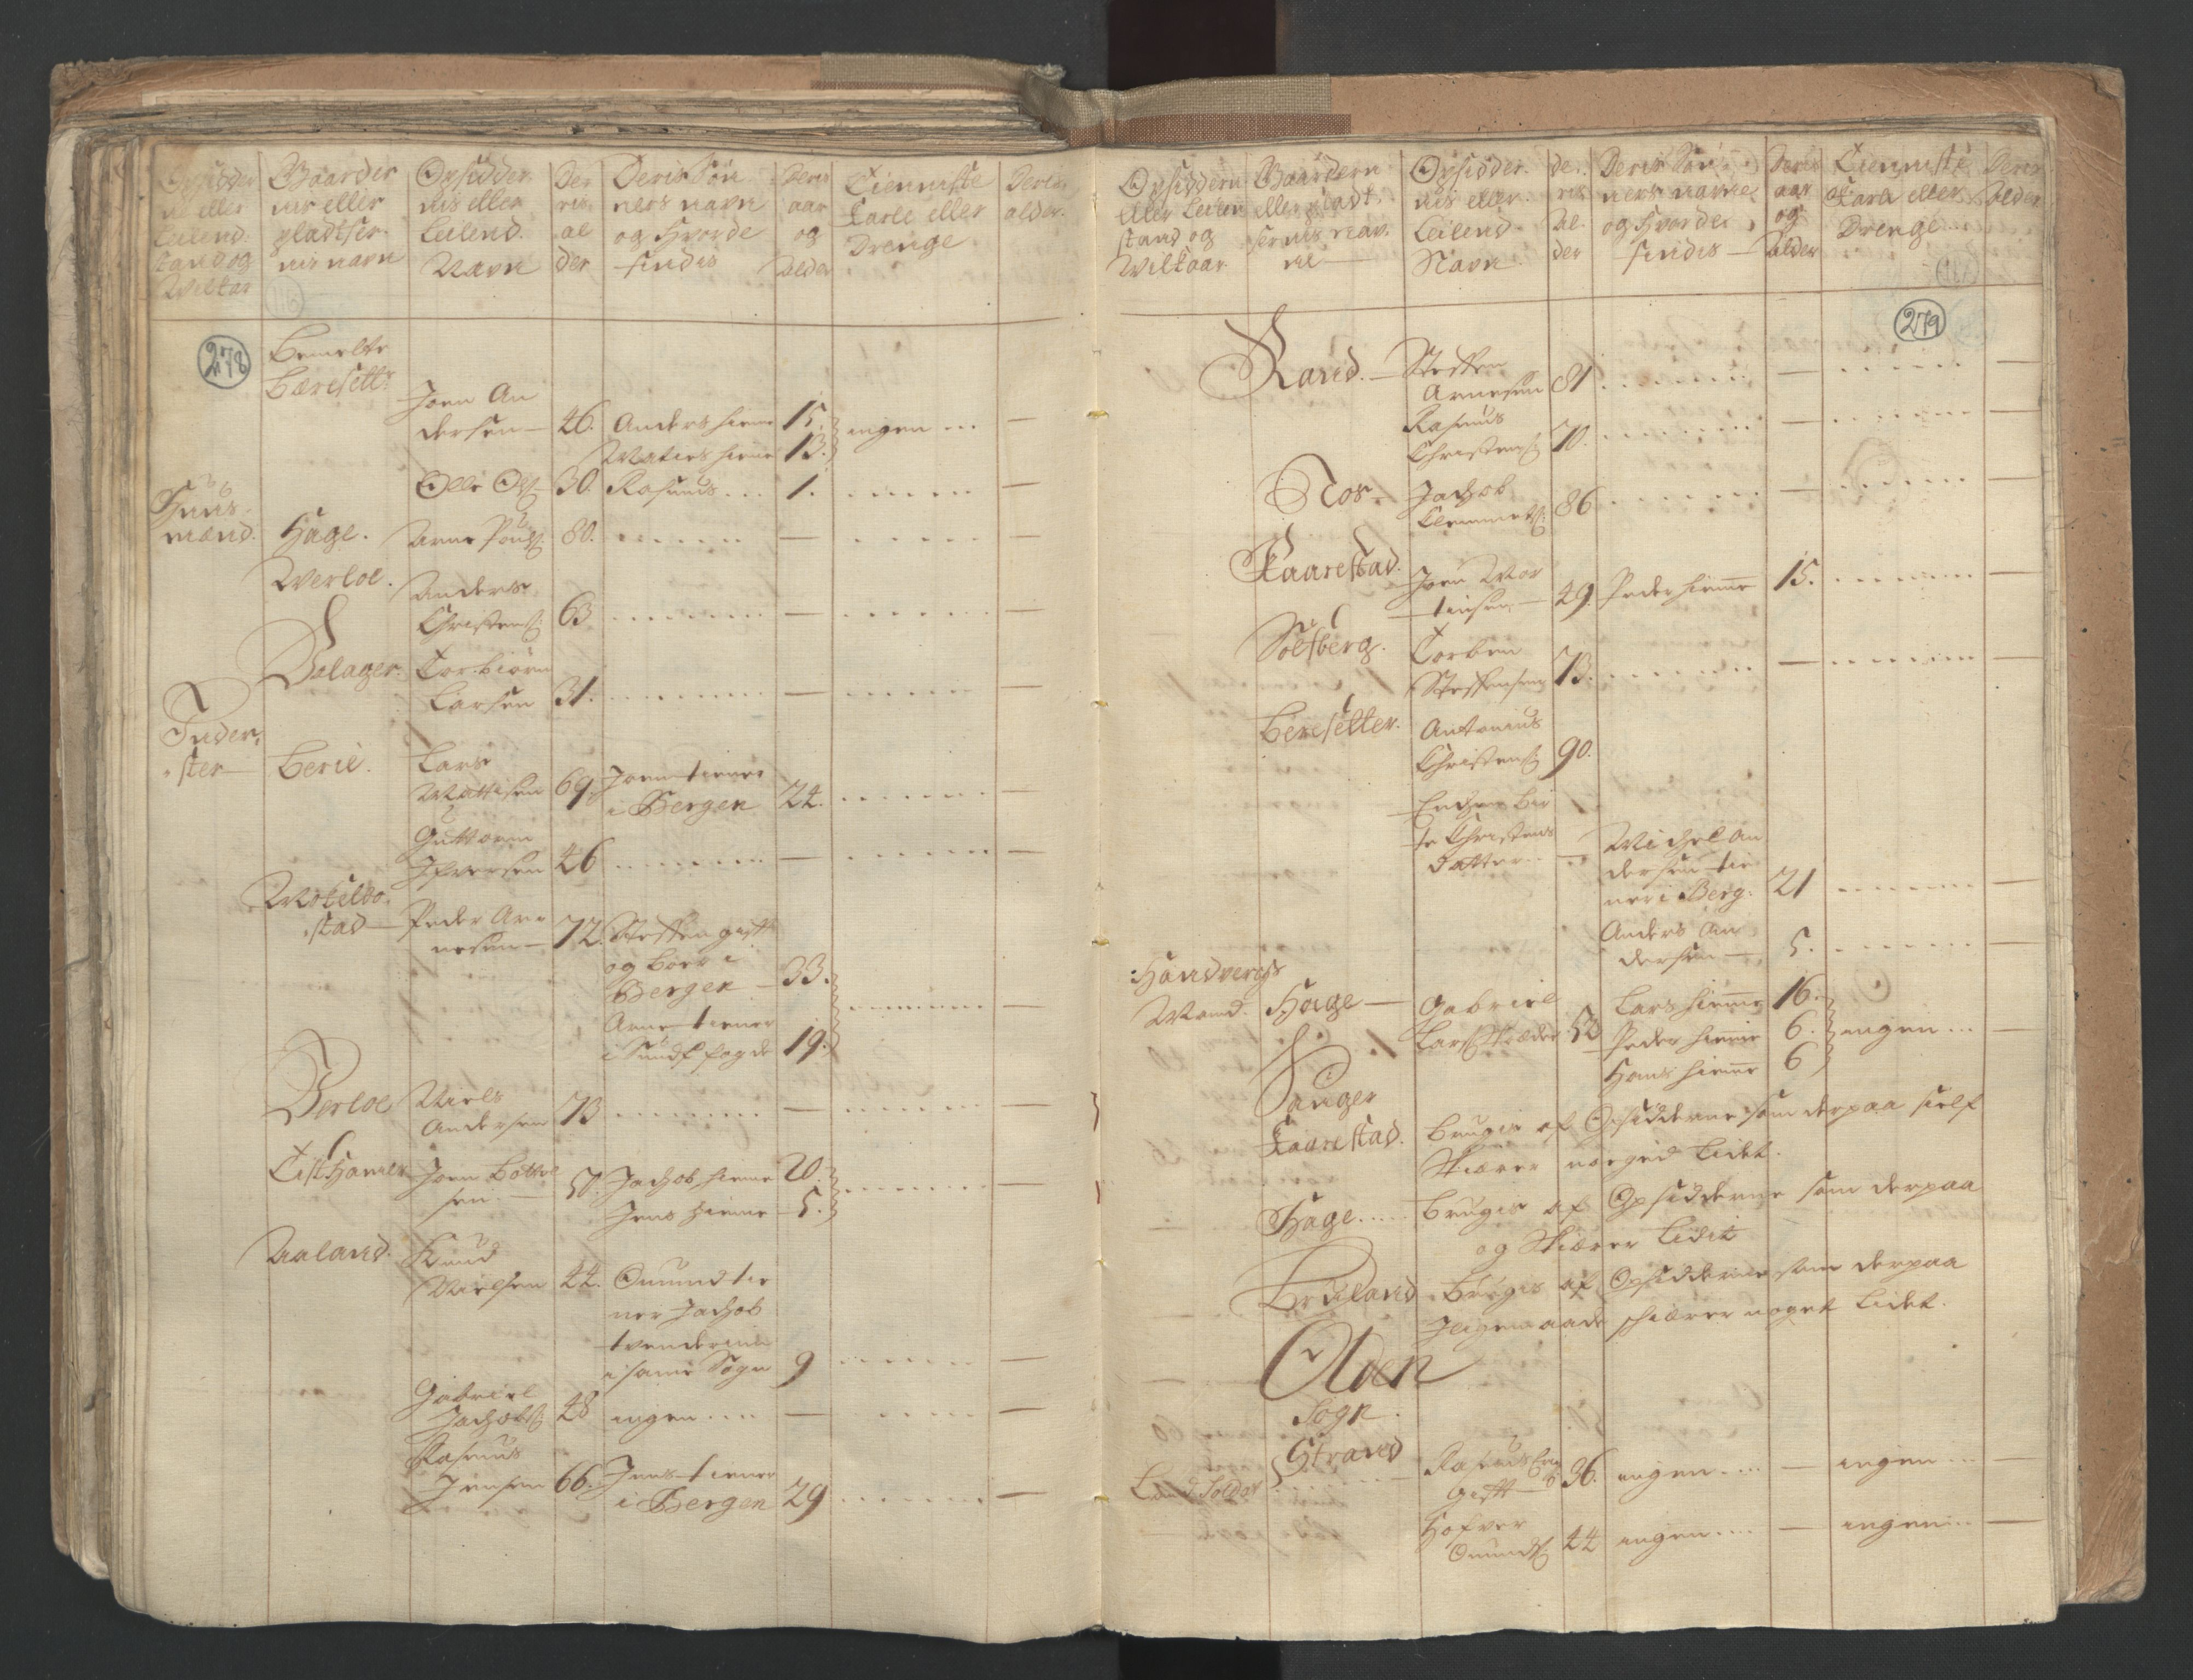 RA, Manntallet 1701, nr. 9: Sunnfjord fogderi, Nordfjord fogderi og Svanø birk, 1701, s. 278-279